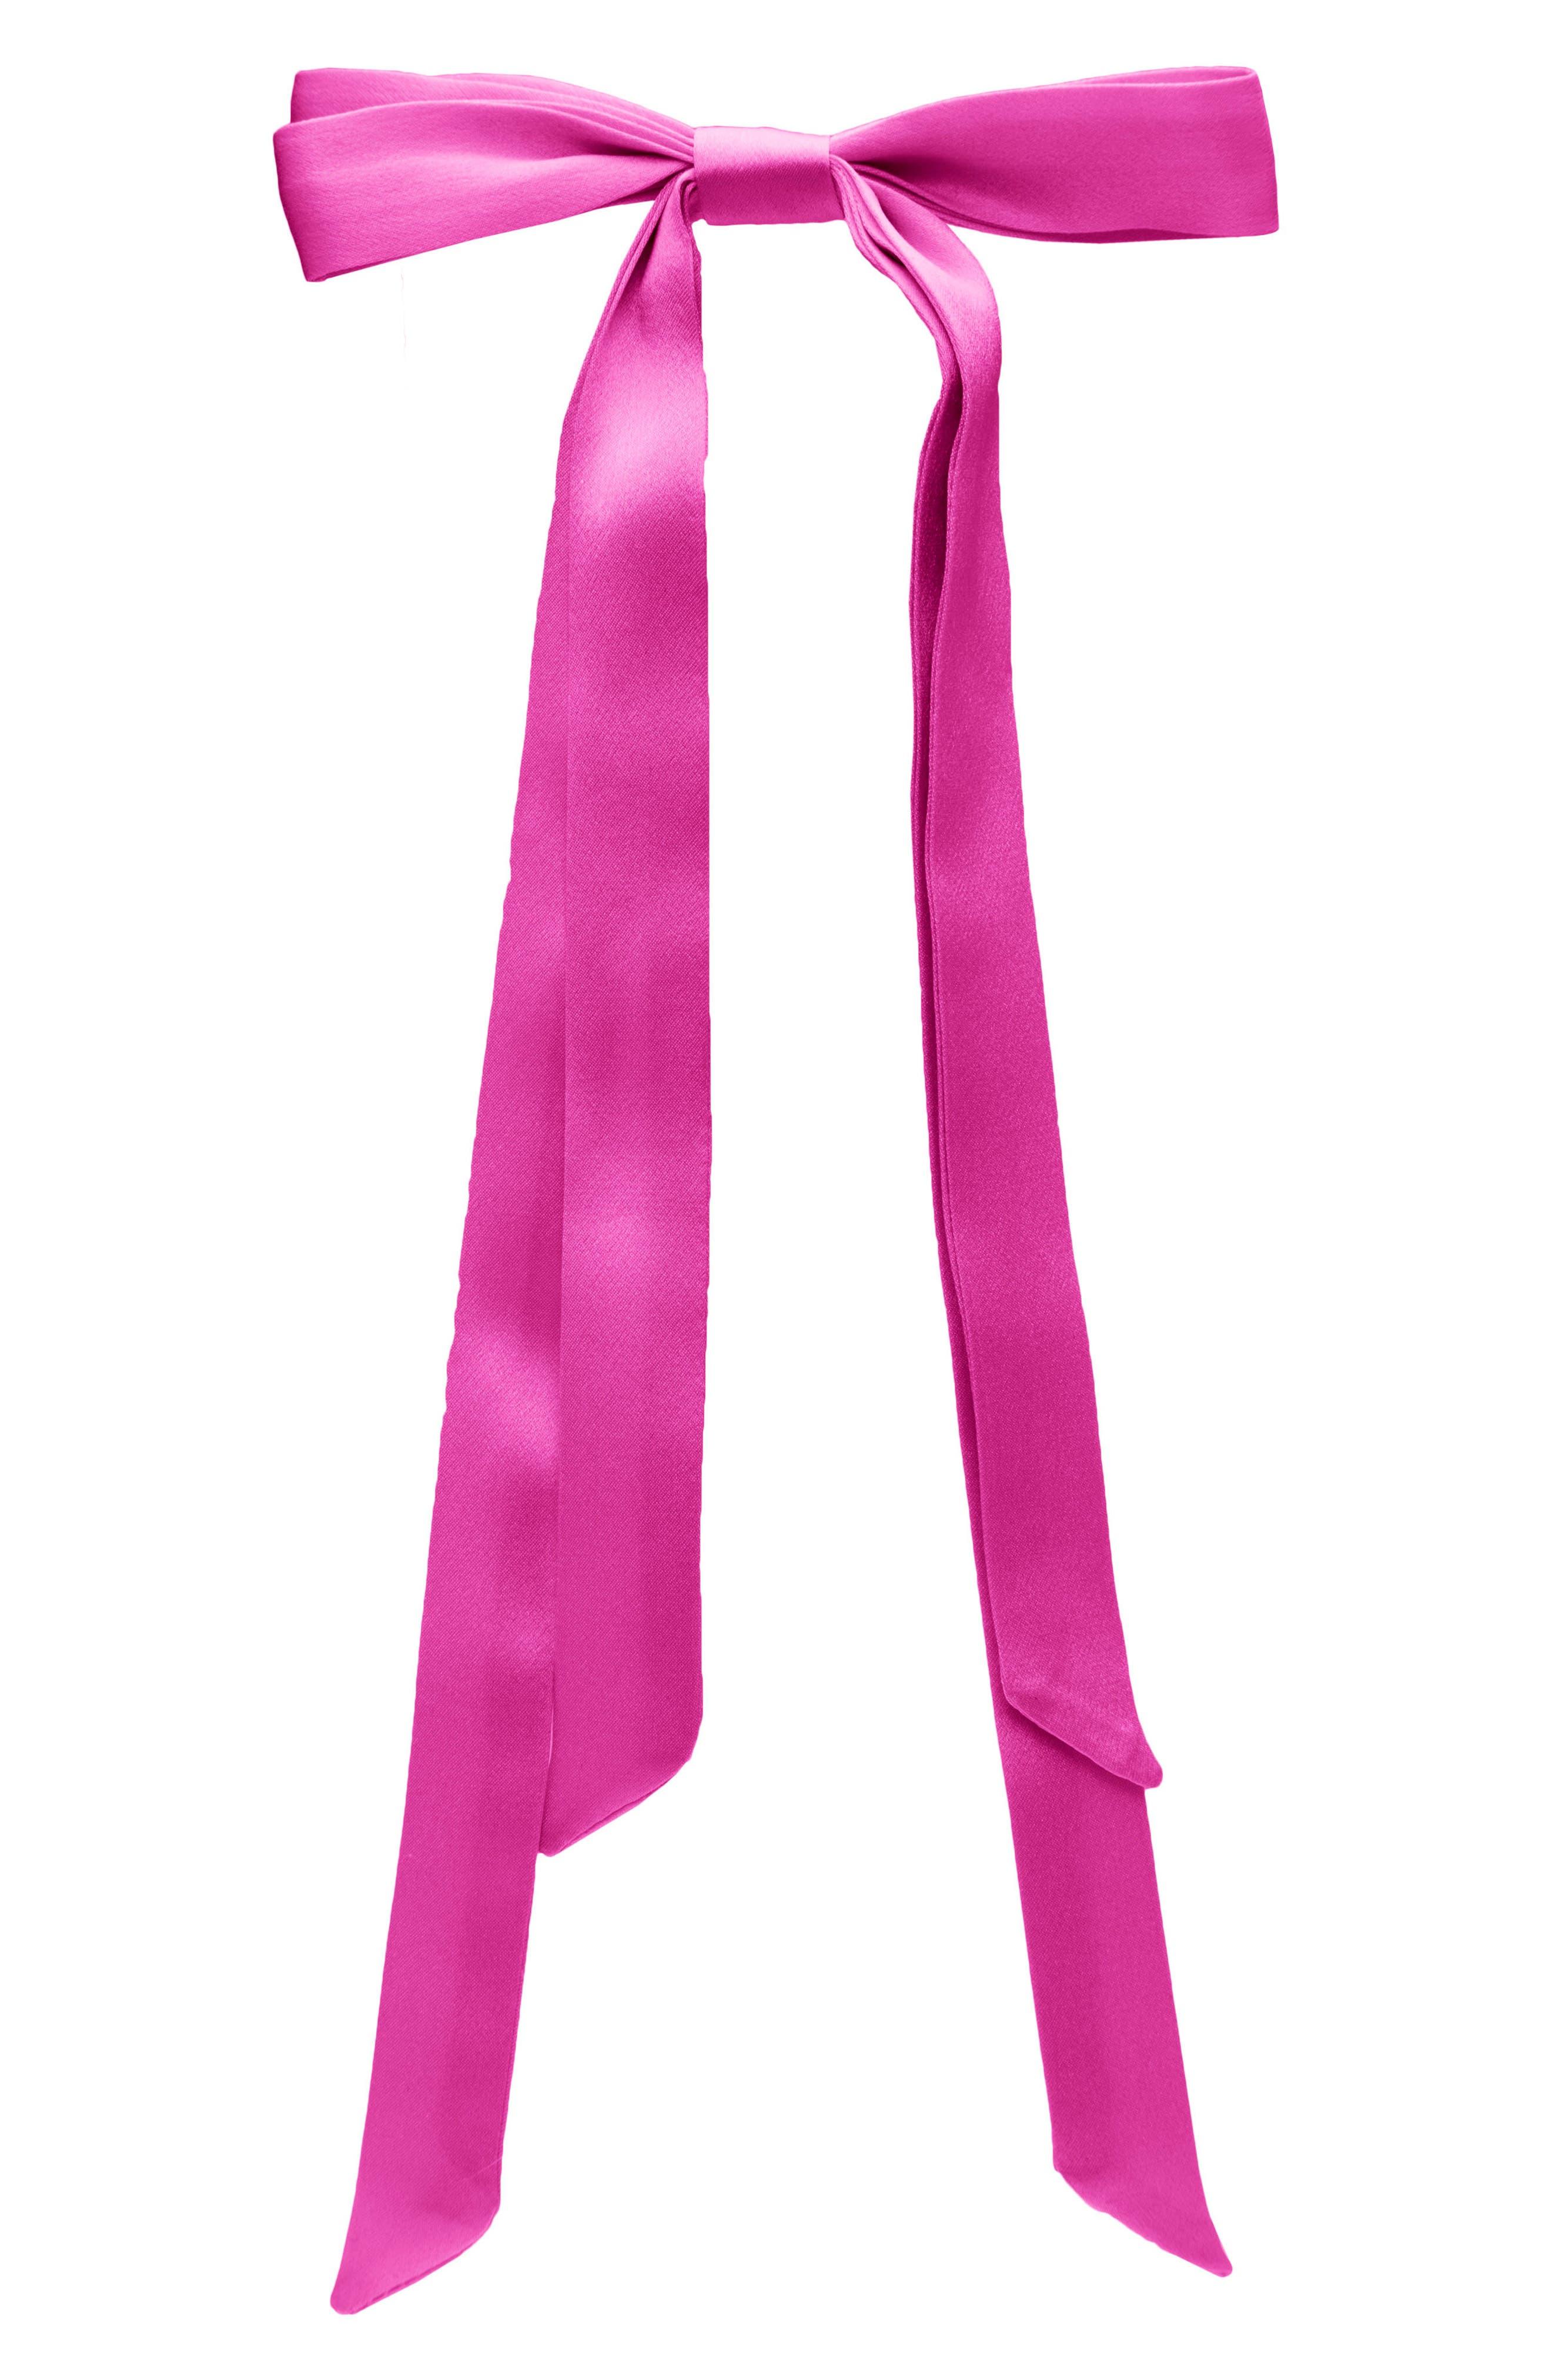 L. Erickson Long Tail Ribbon Barrette